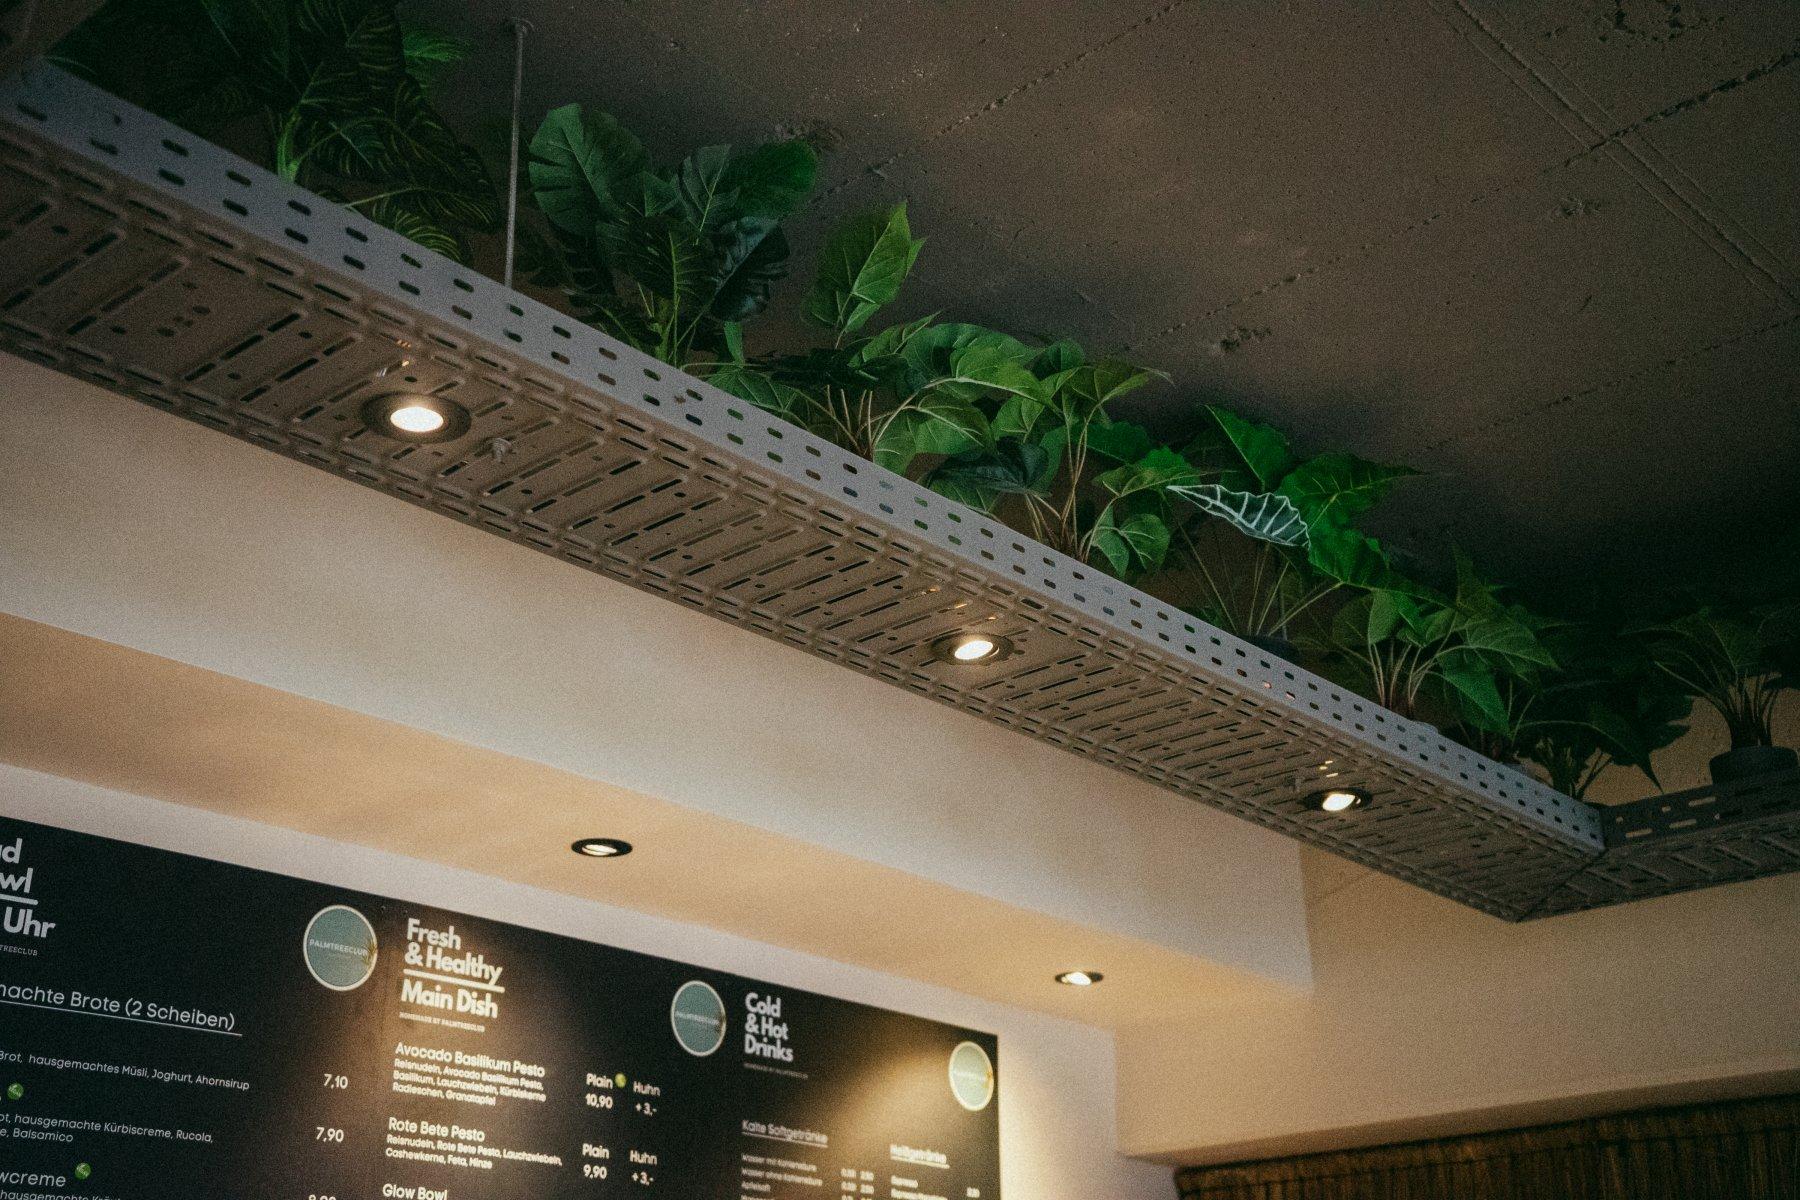 Pflanzen zieren die graue Decke des Café Palmtree Club – ©Ben Sagmeister für wunderland media GmbH